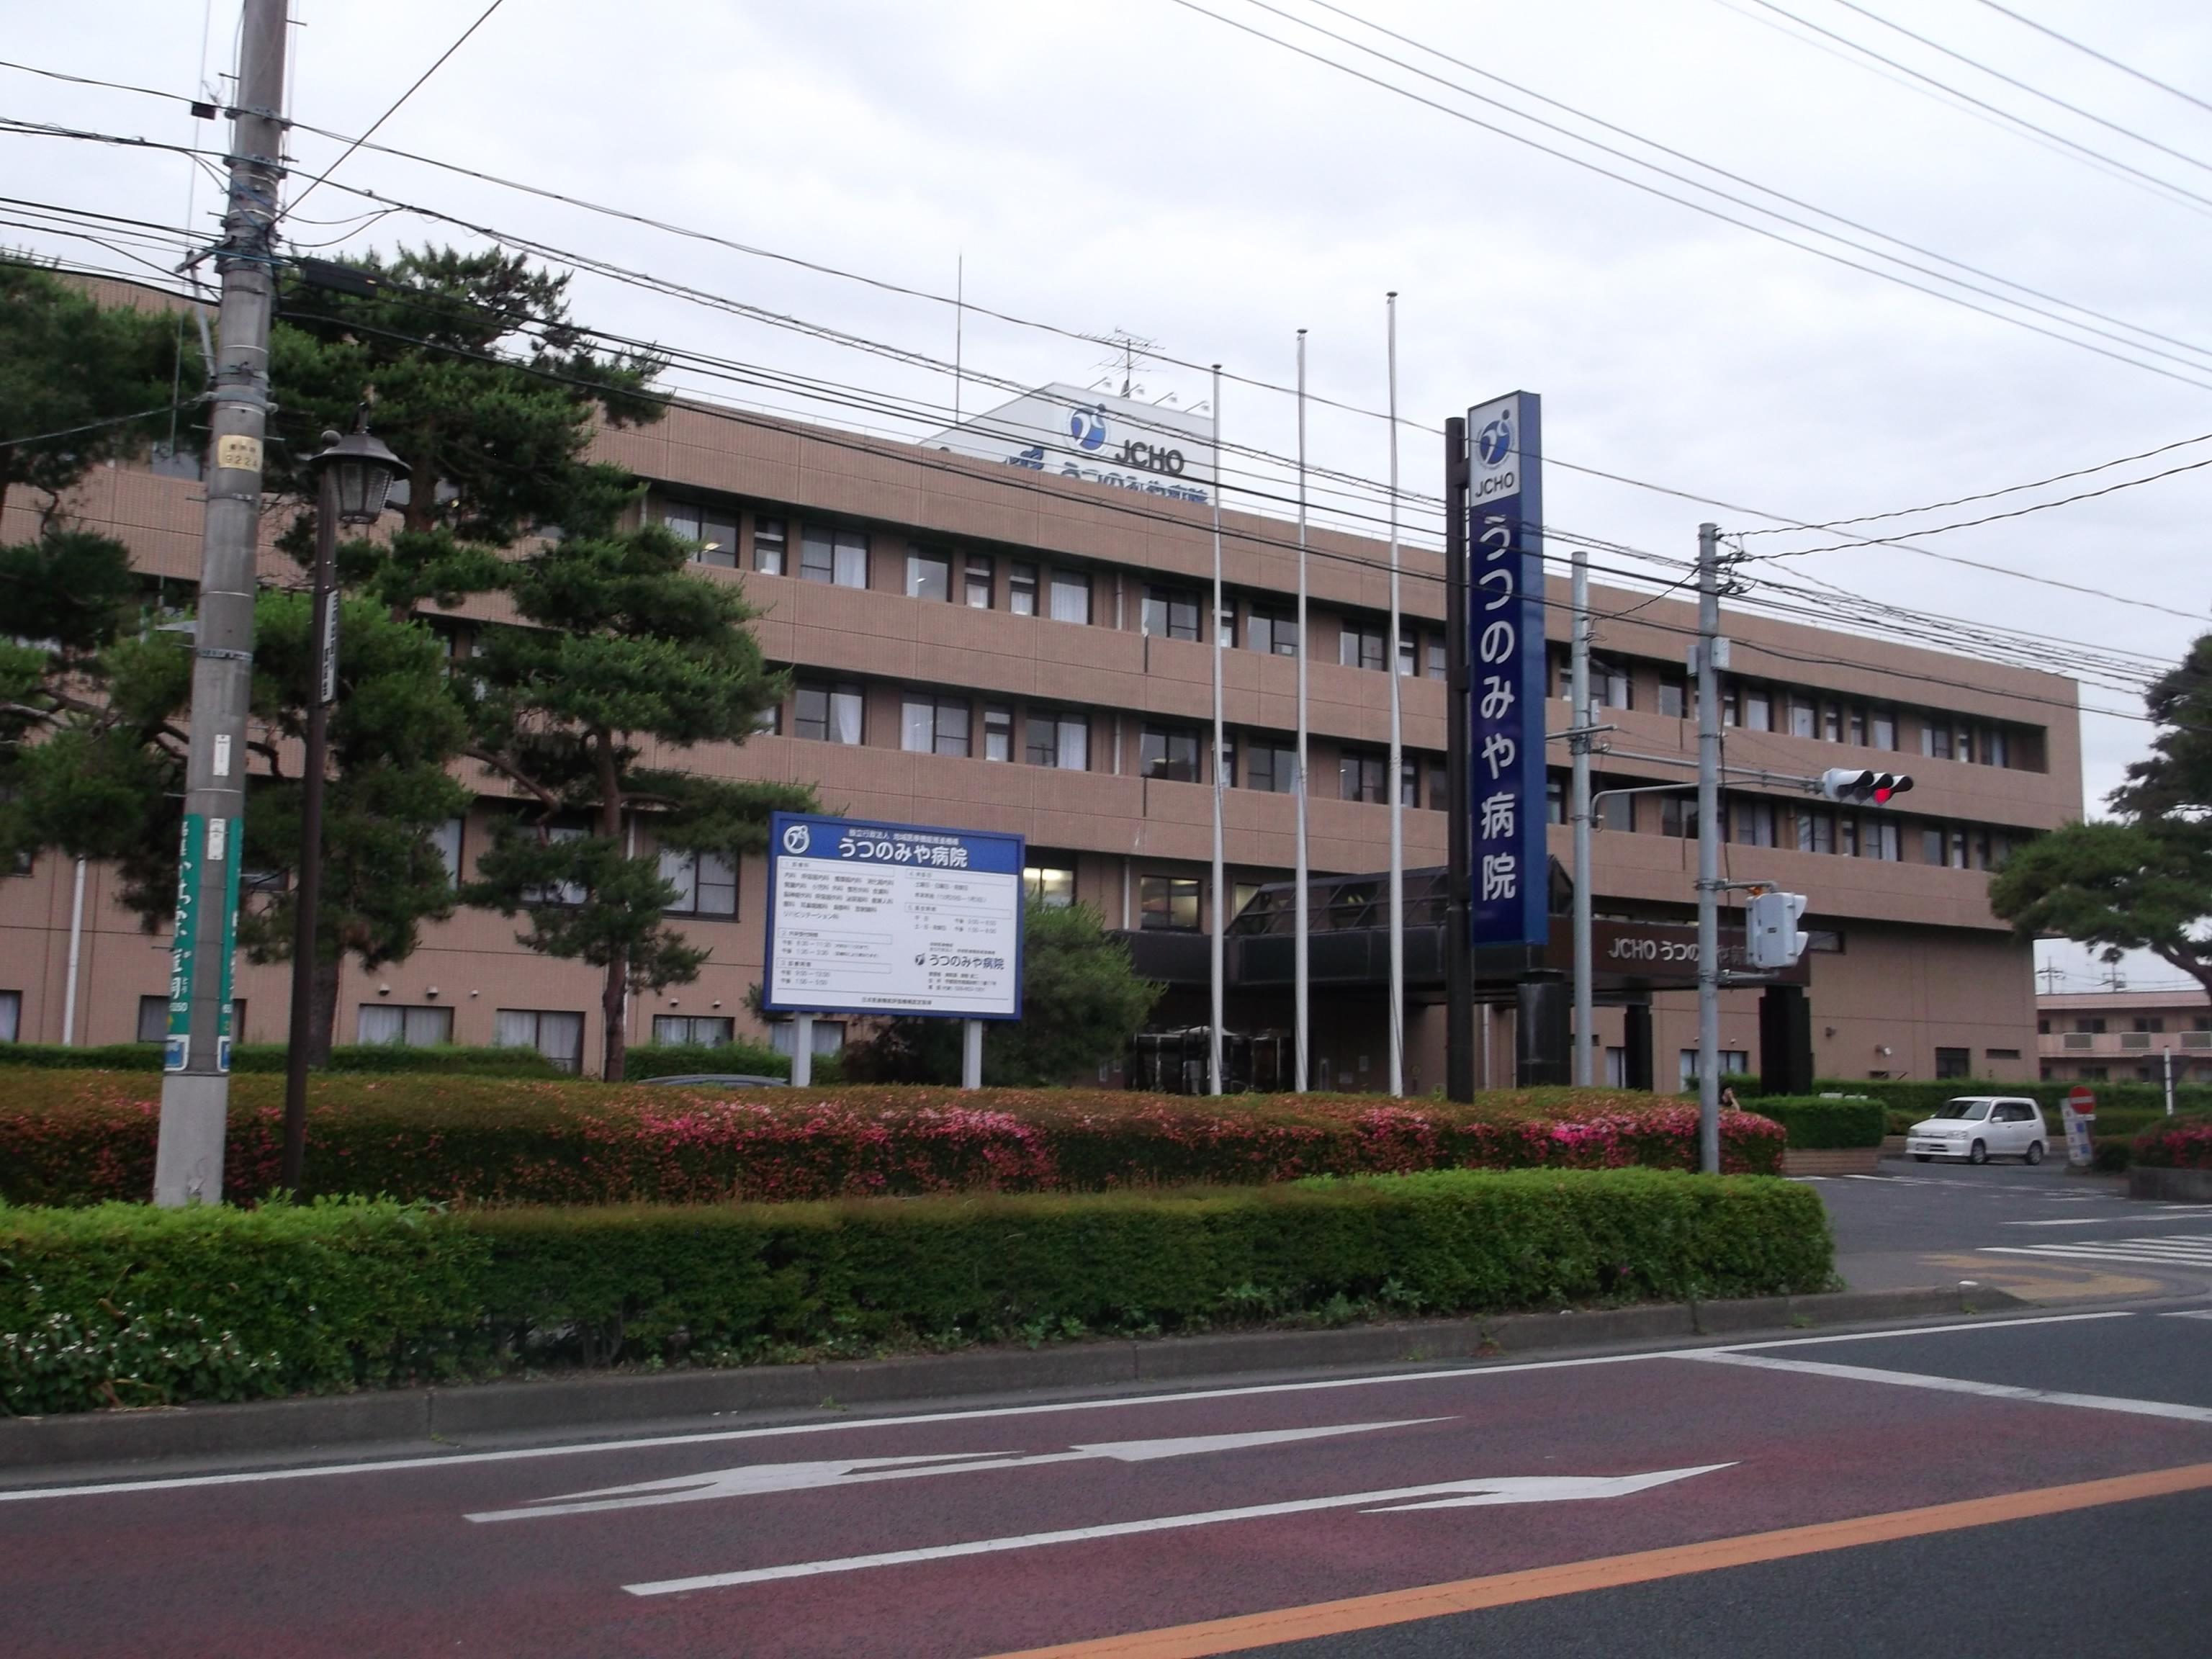 ジェイコー 宇都宮 病院